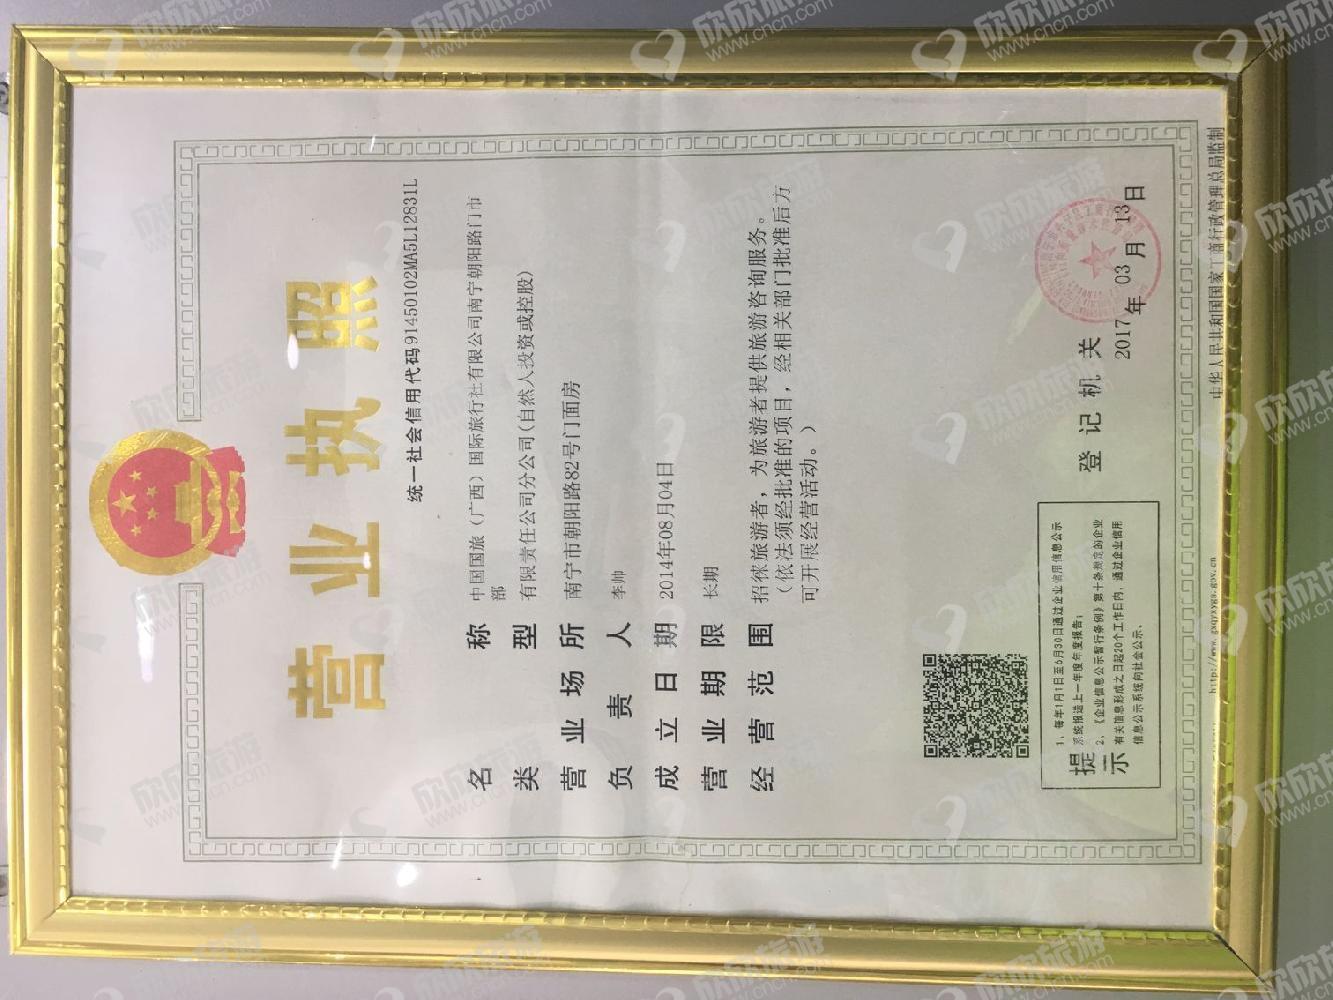 中国国旅(广西)国际旅行社有限公司南宁朝阳路门市部营业执照